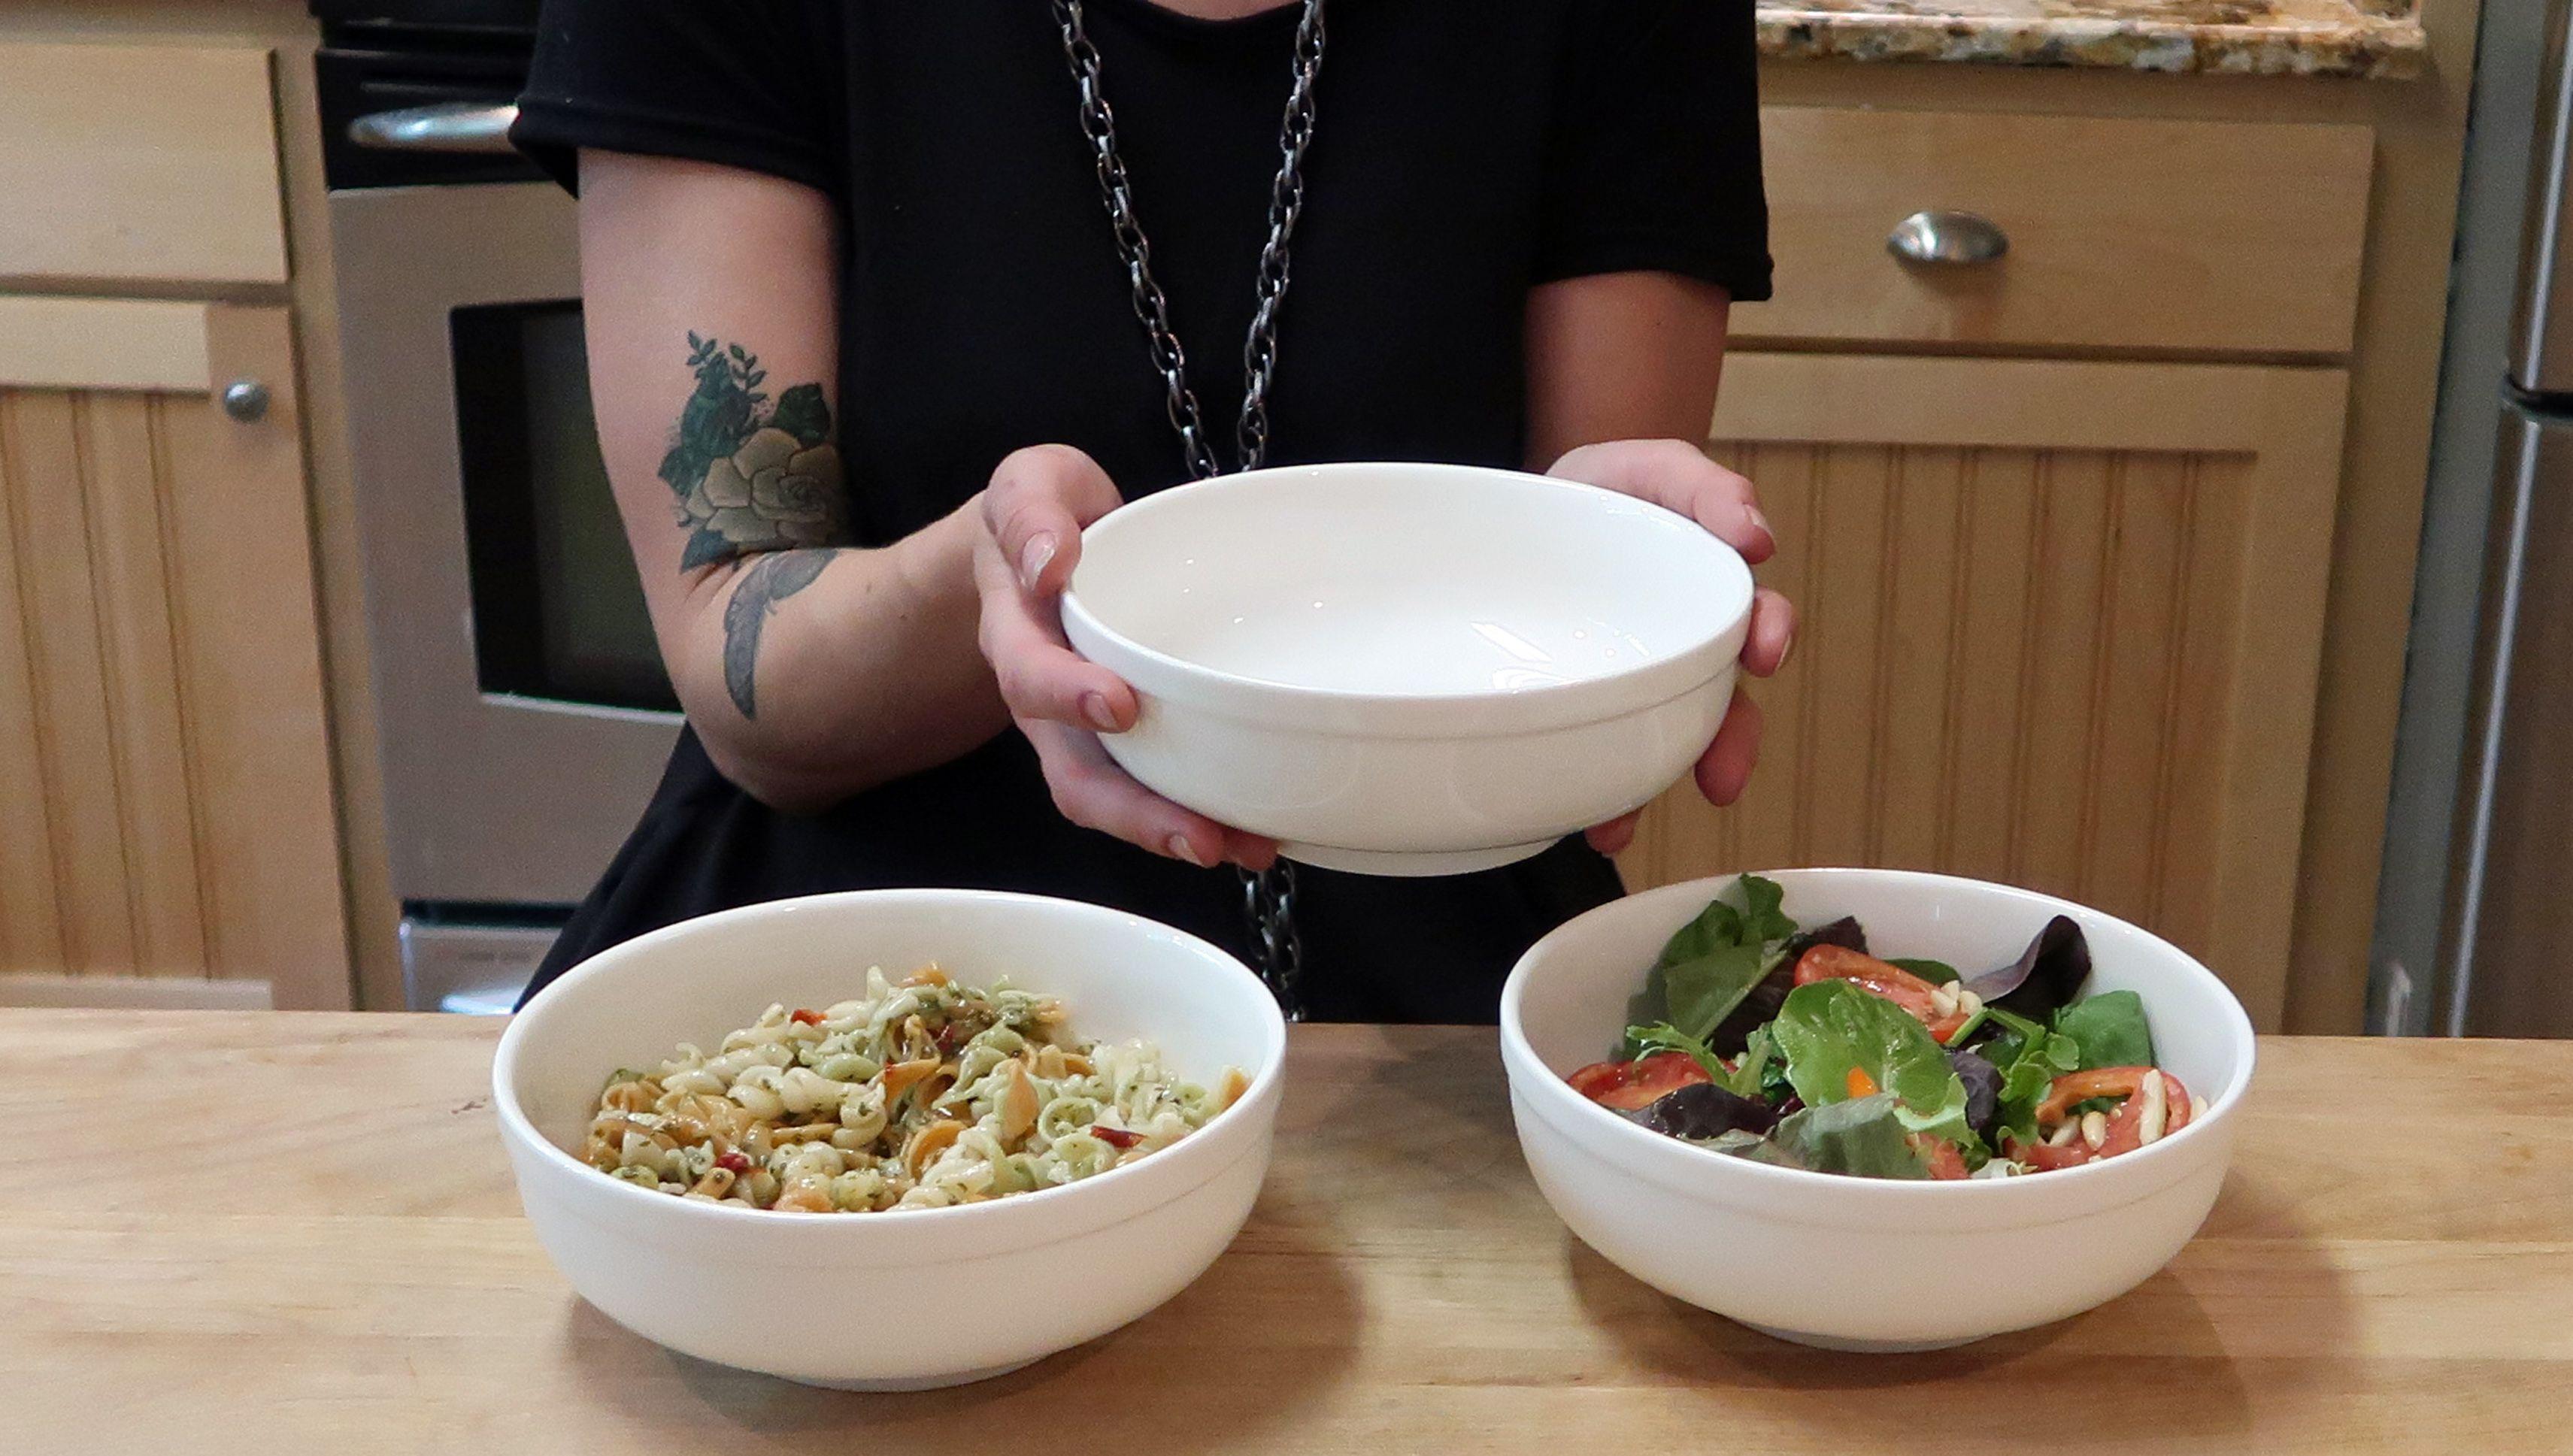 3-Pack Super Soup Bowls-32 Ounce White Fine Porcelain